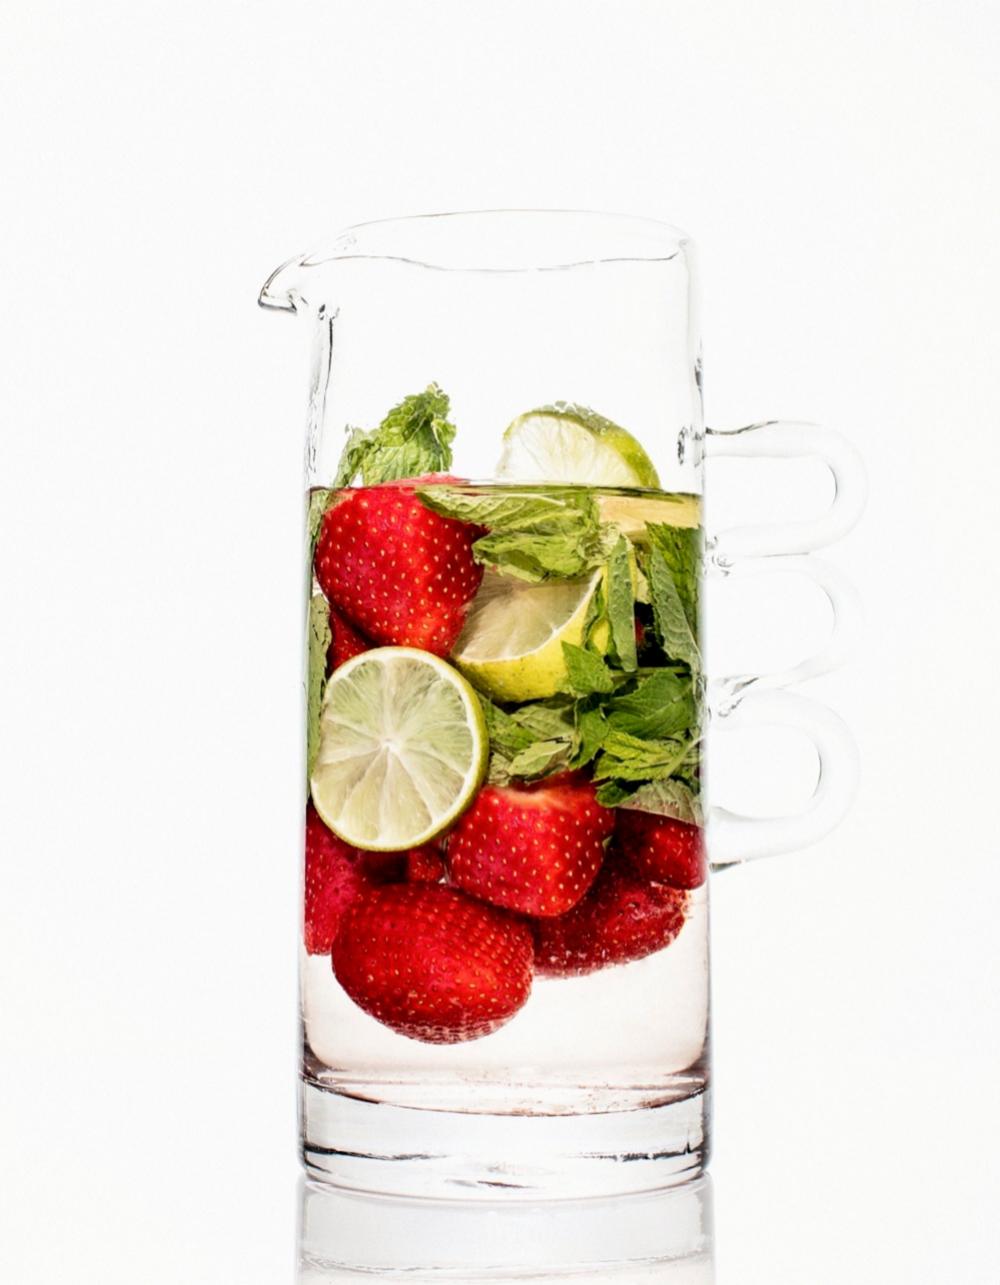 Los zumos son ricos en agua, azúcar y vitaminas.